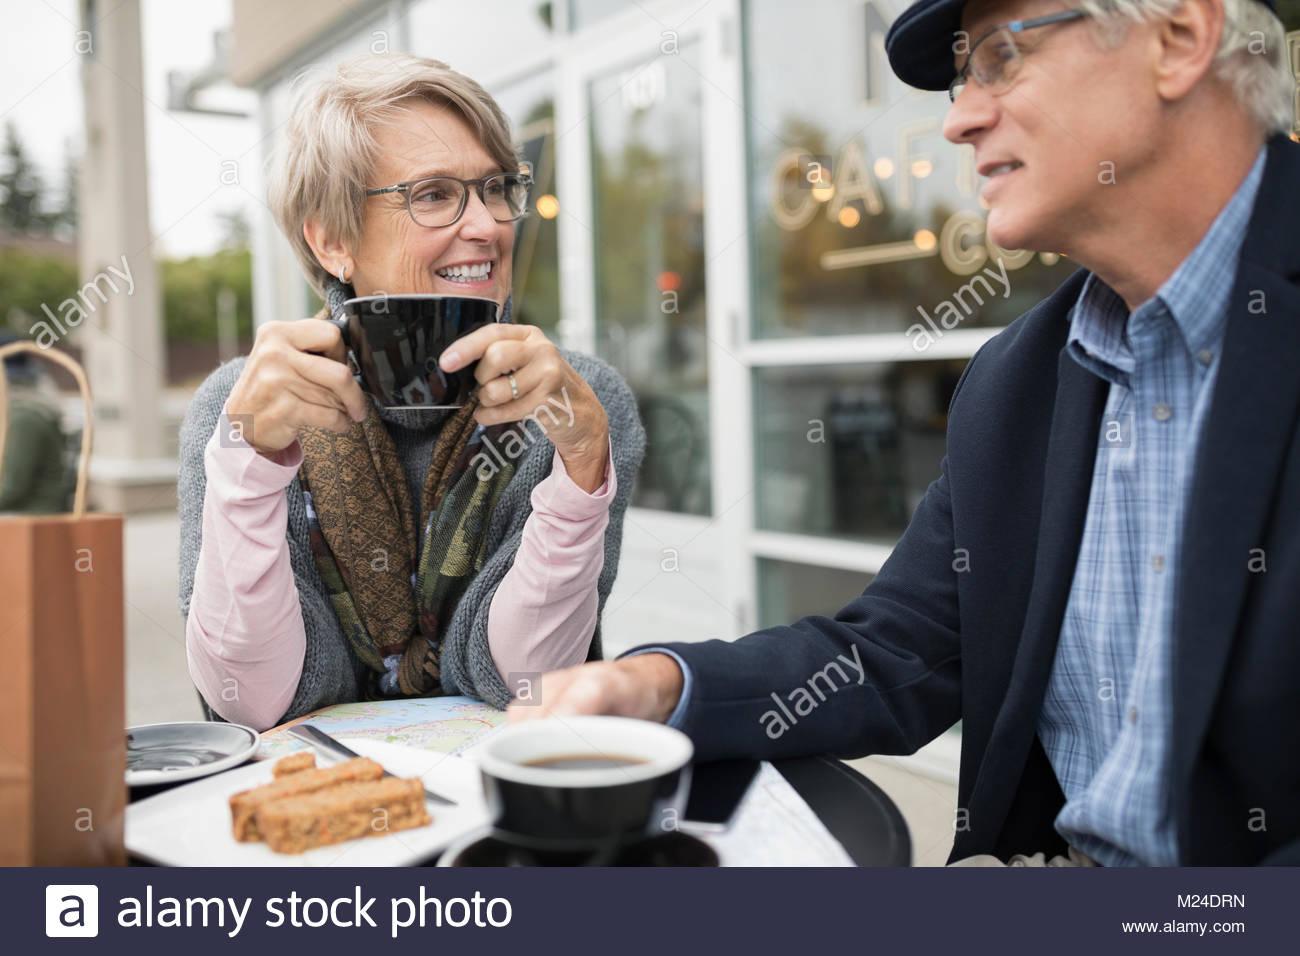 Älteres Ehepaar miteinander reden und trinken Kaffee im Straßencafé Stockbild